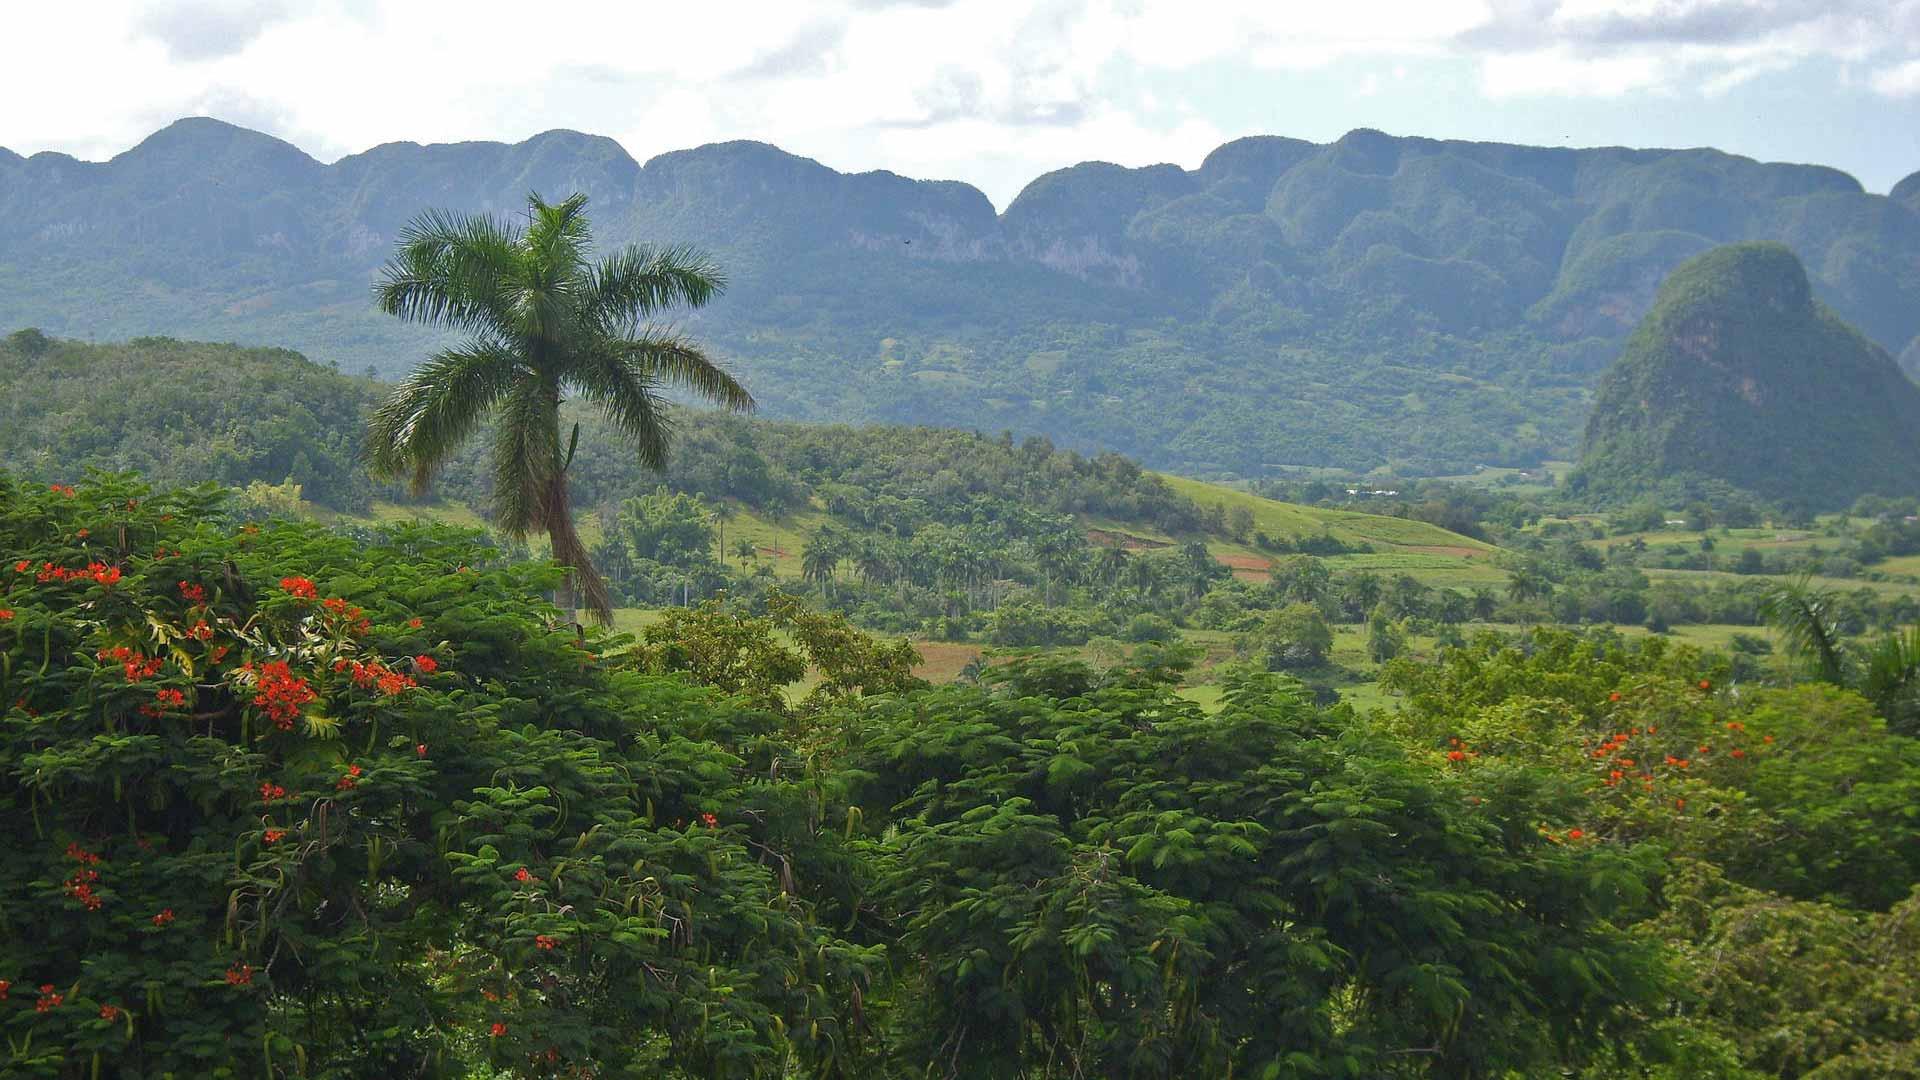 Kuba, Regenwald, Urwald, Landschaft